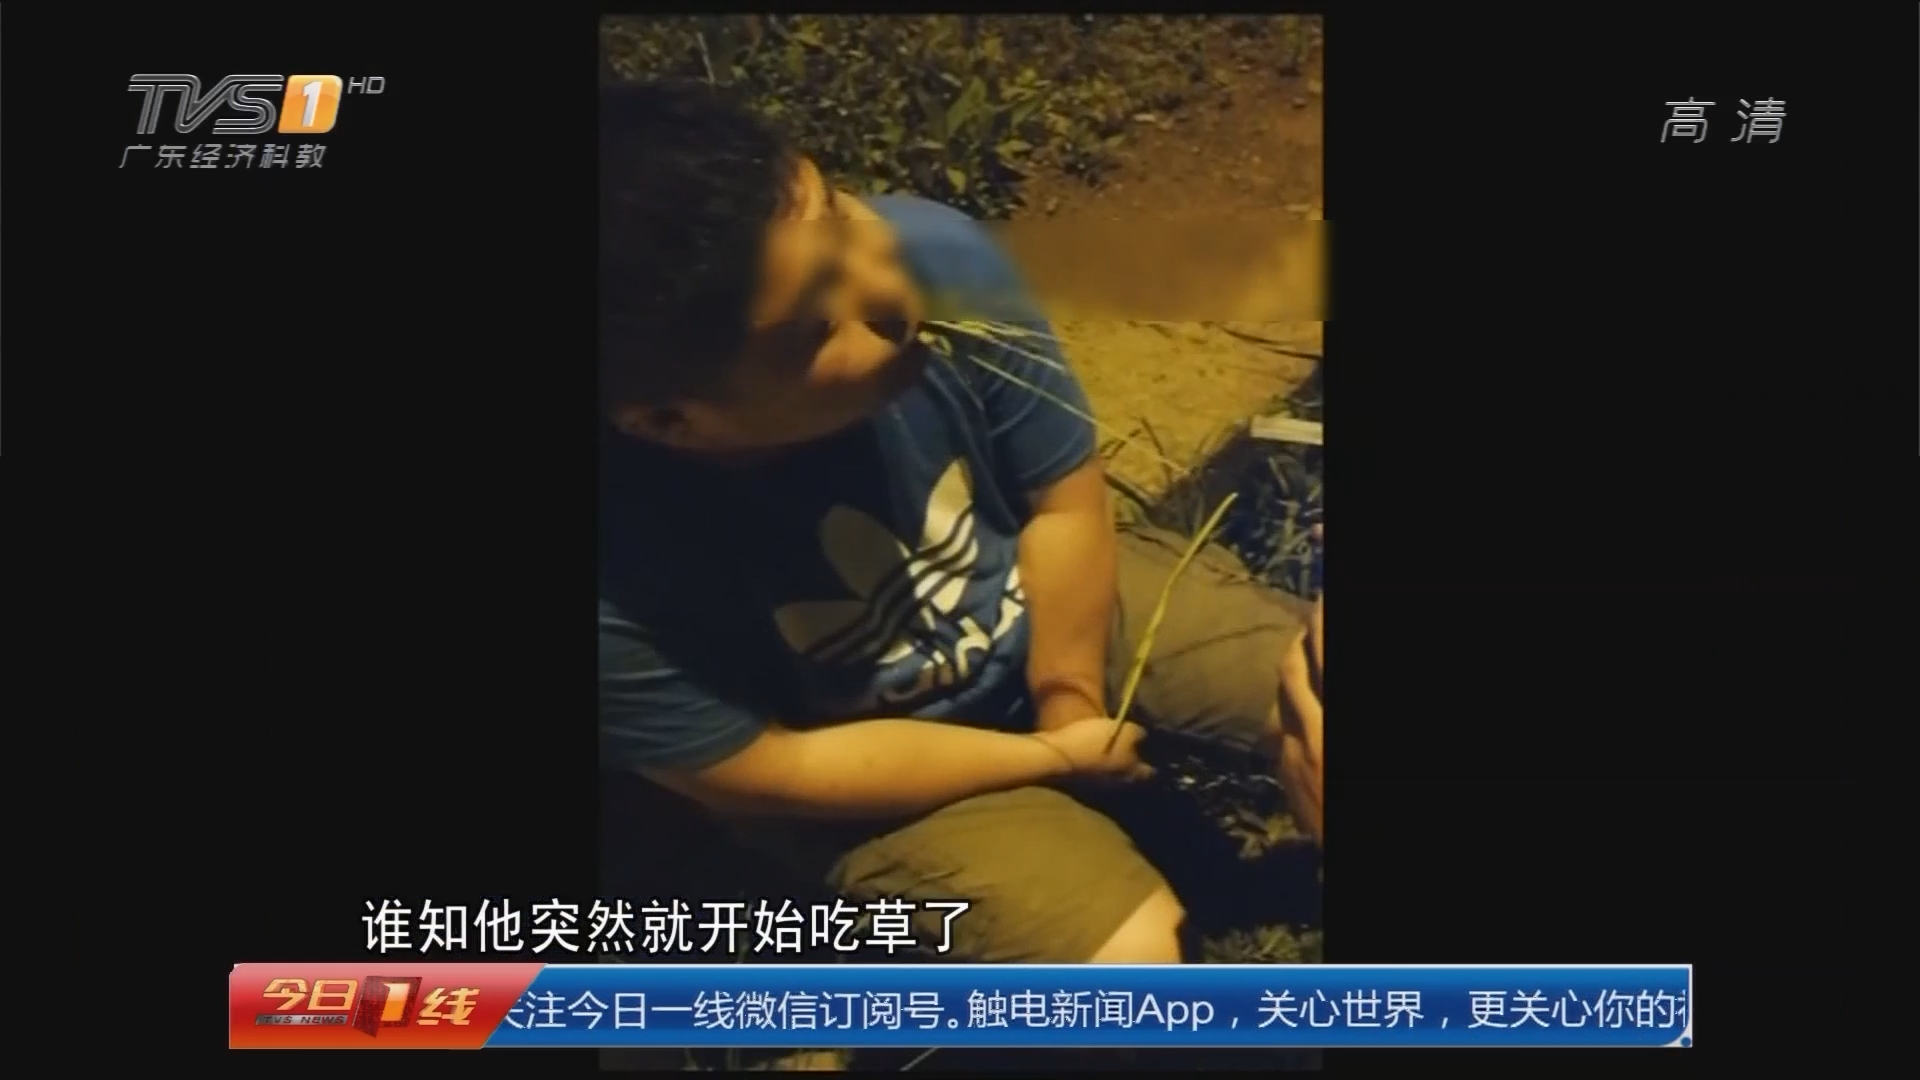 """浙江义乌:酒驾被抓 """"奇葩""""司机路边吃草"""